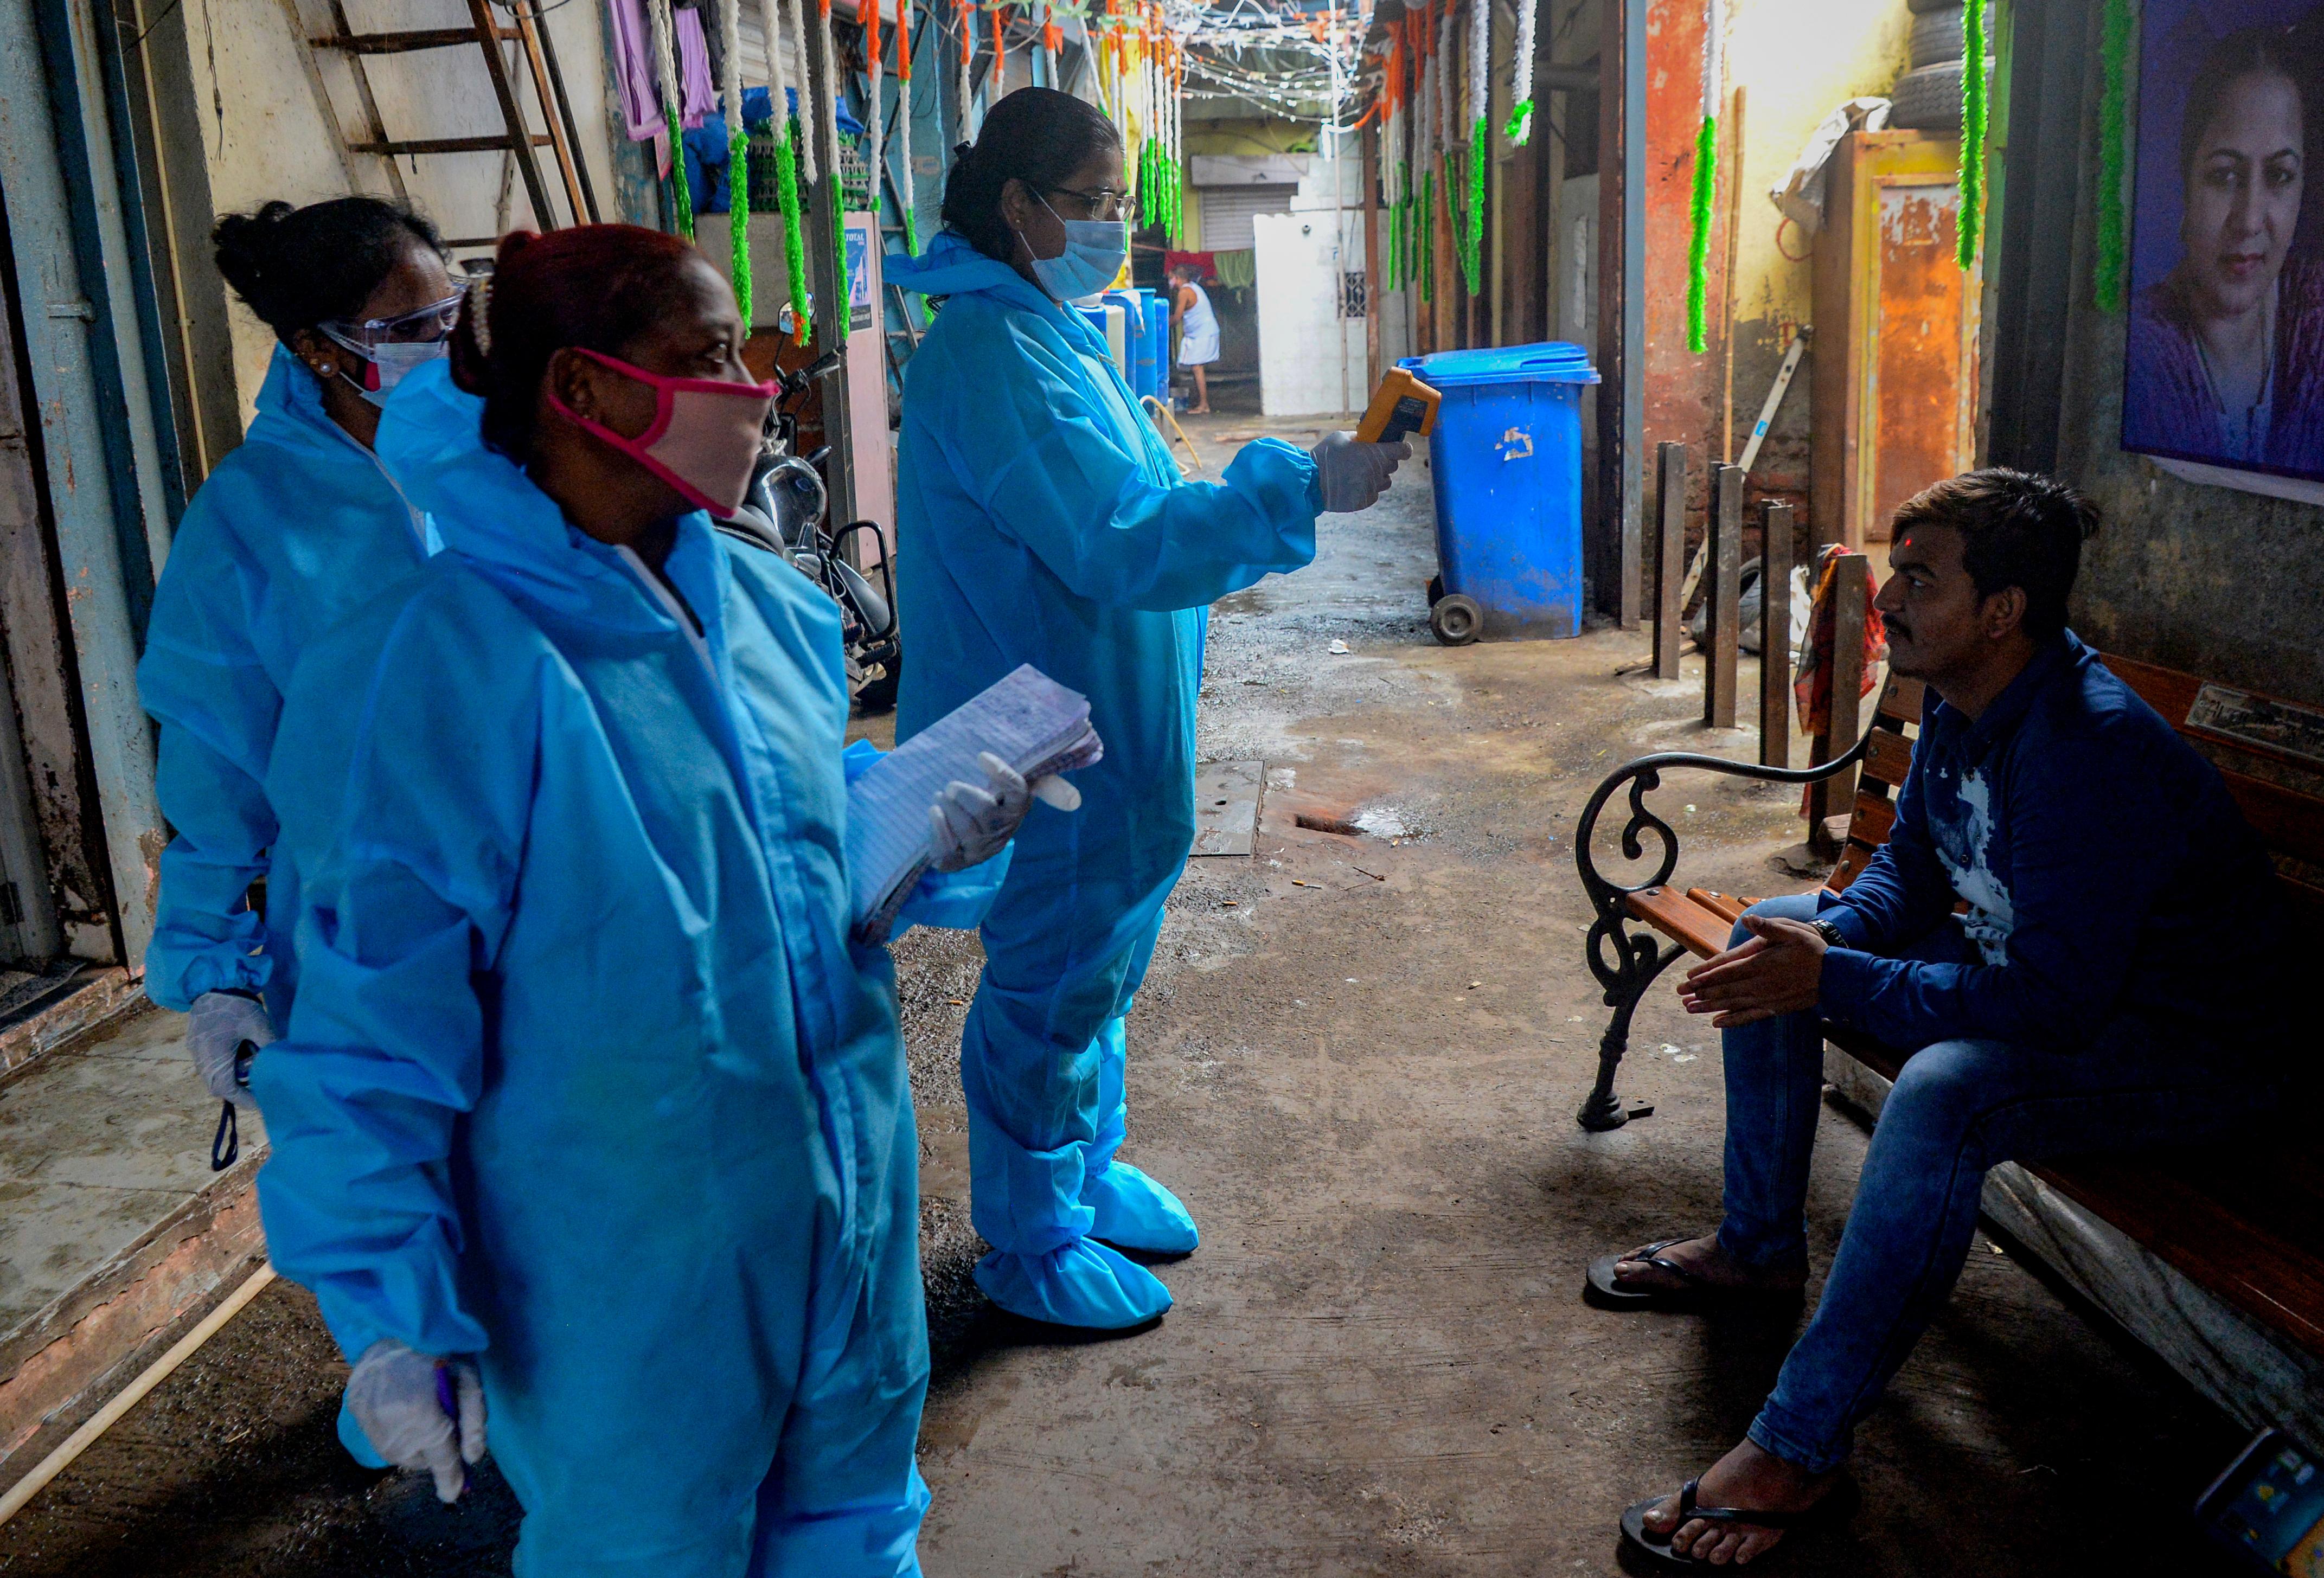 India egyik legnagyobb nyomornegyede fantasztikusan teljesített a koronajárvány elleni védekezésben